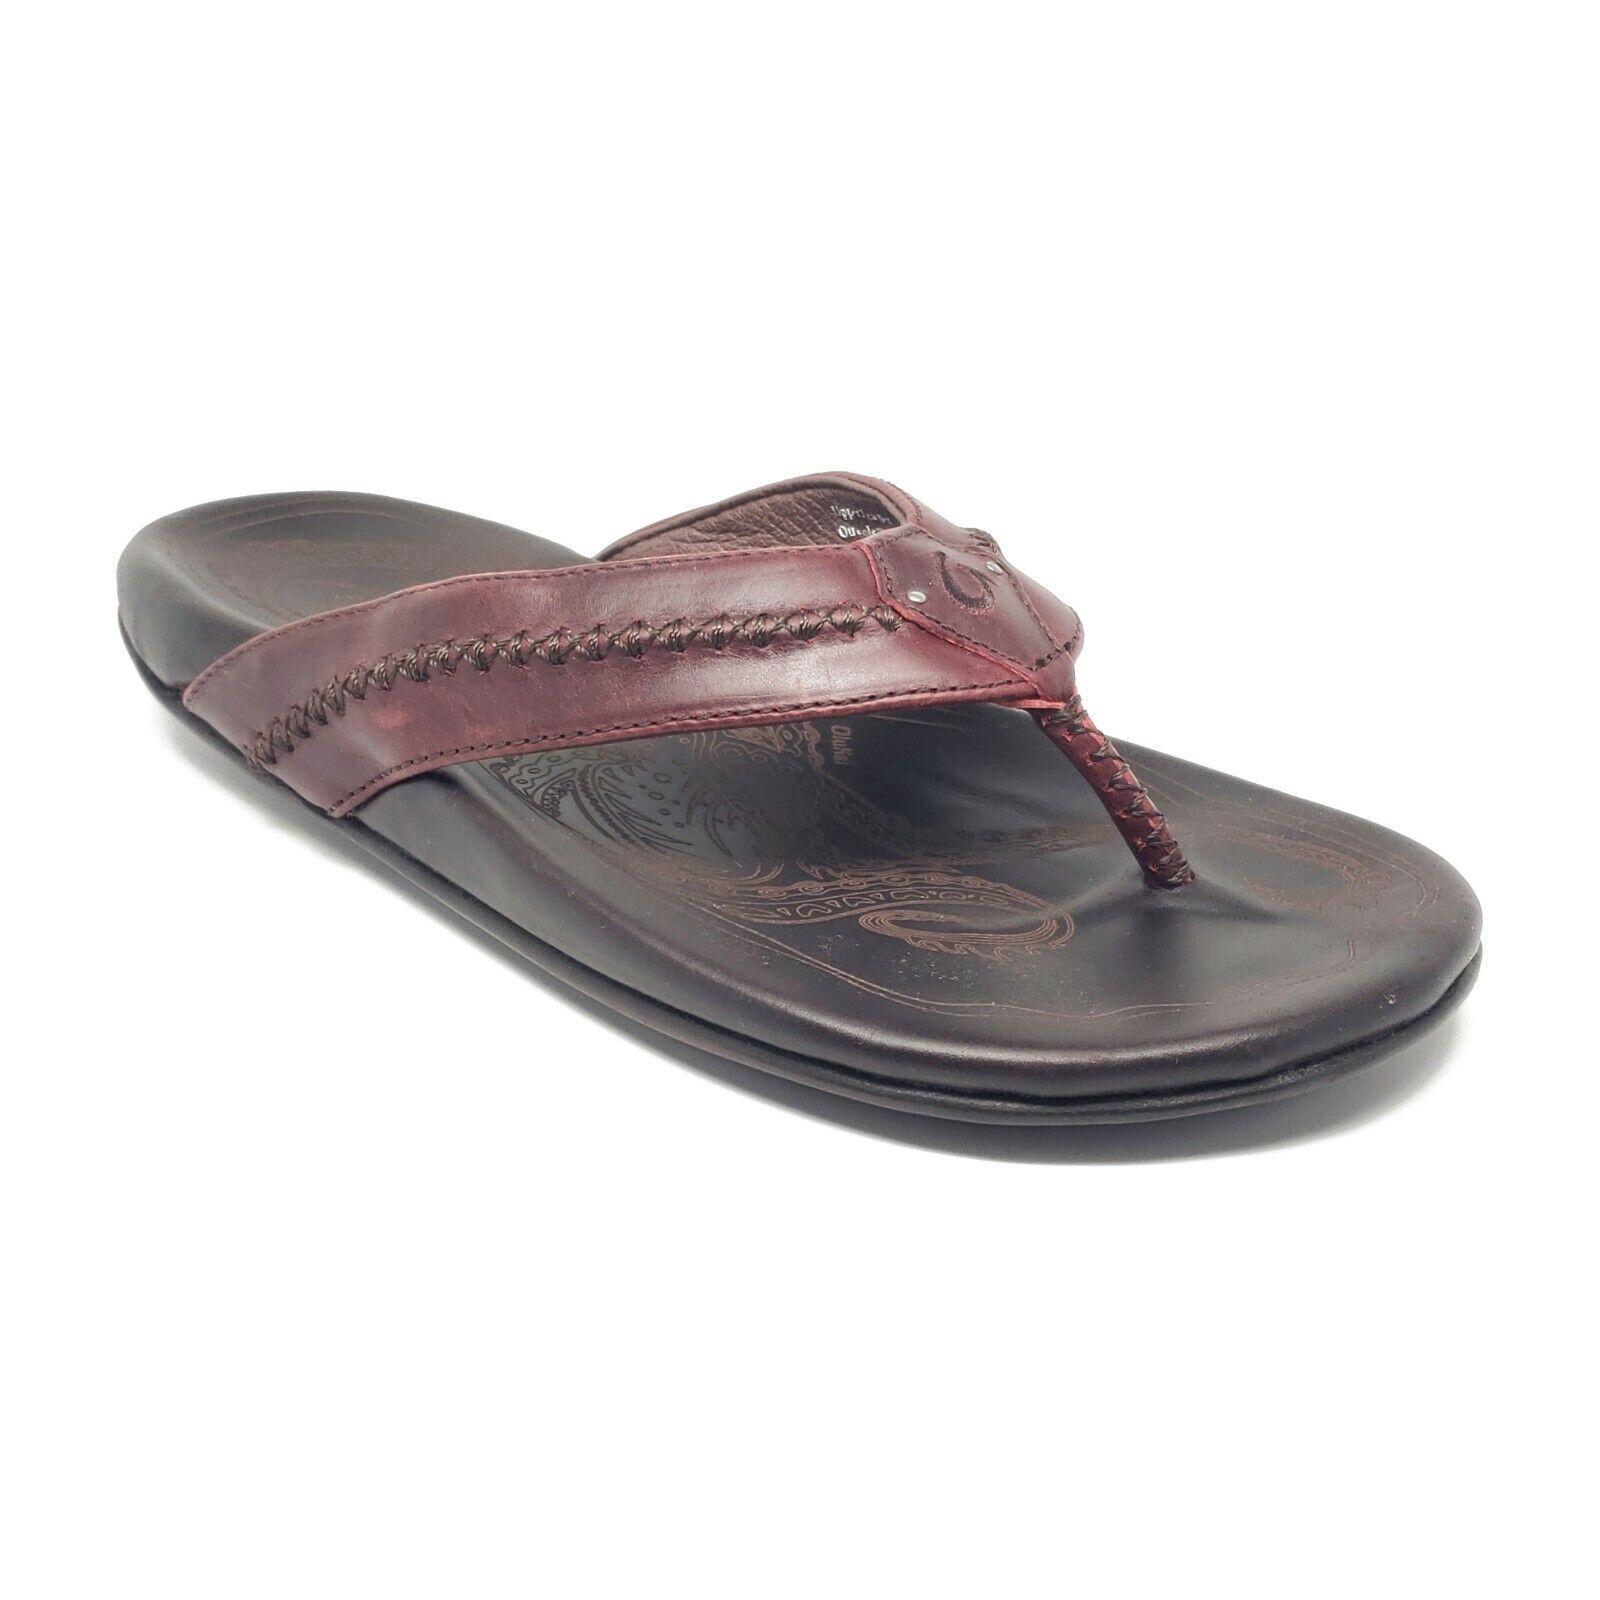 OluKai Mea Ola Leather Sandals